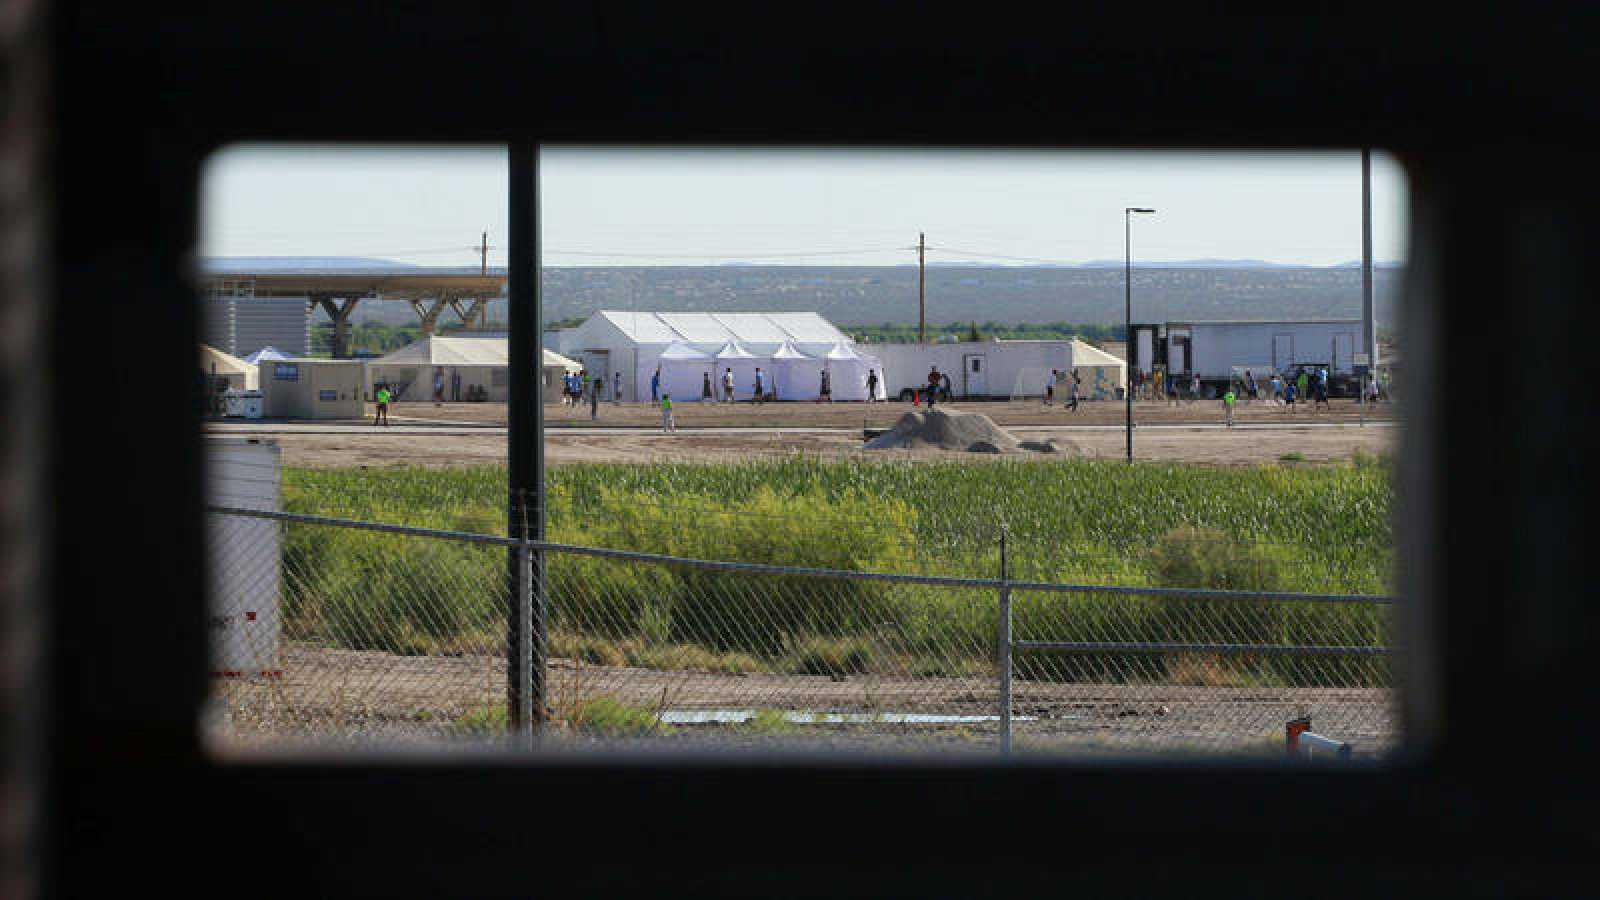 Hijo de migrantes detenidos juegan al fútbol en un campamento cerca de Tomillo, Texas, EE.UU.